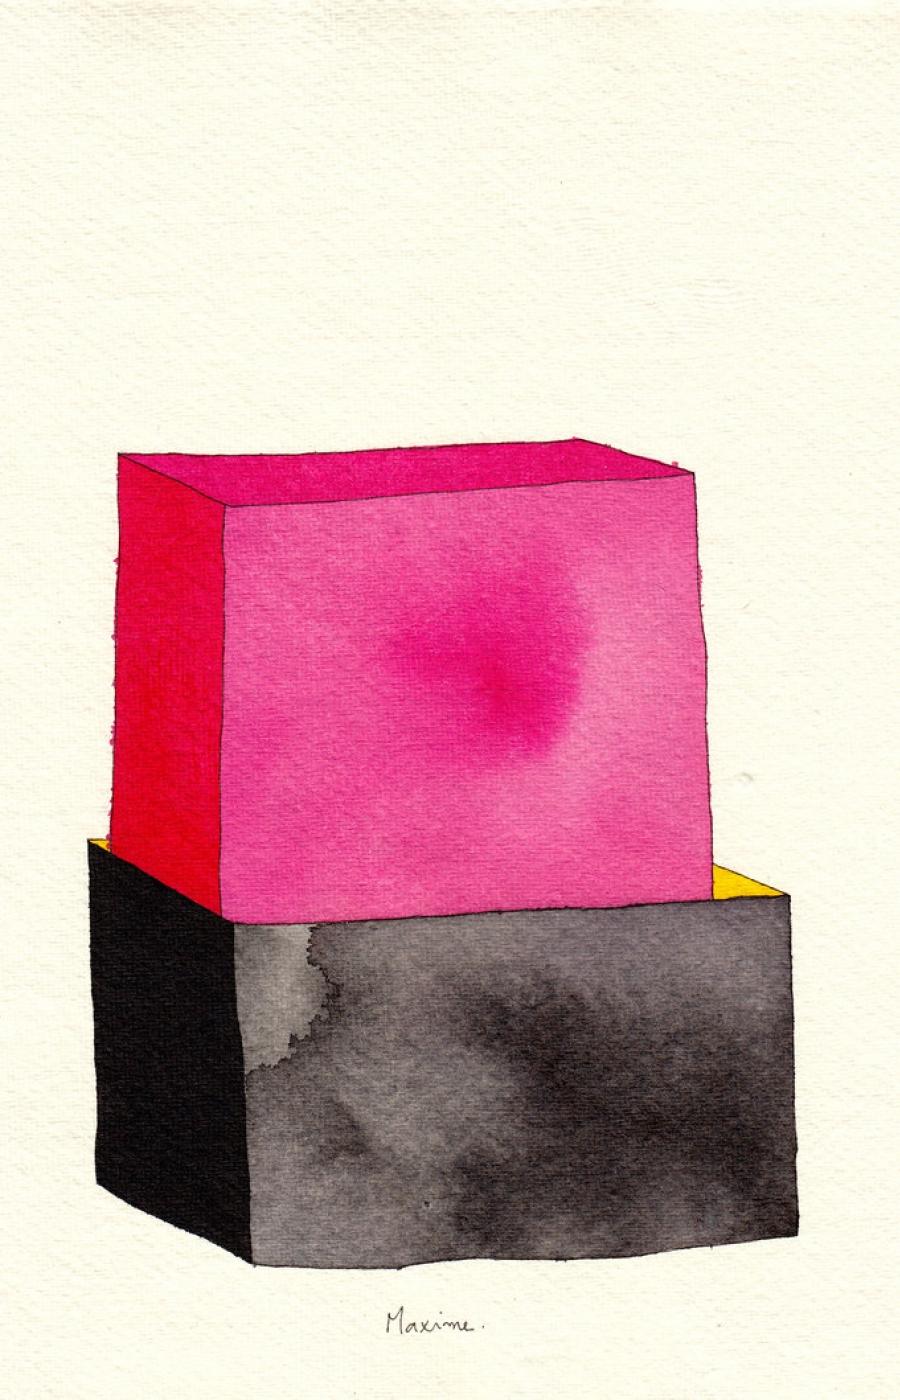 <b>Clément Bataille</b>, <em>Maxime.</em>, Encre et aquarelle sur papier recyclé, 2015 /21x29,7cm